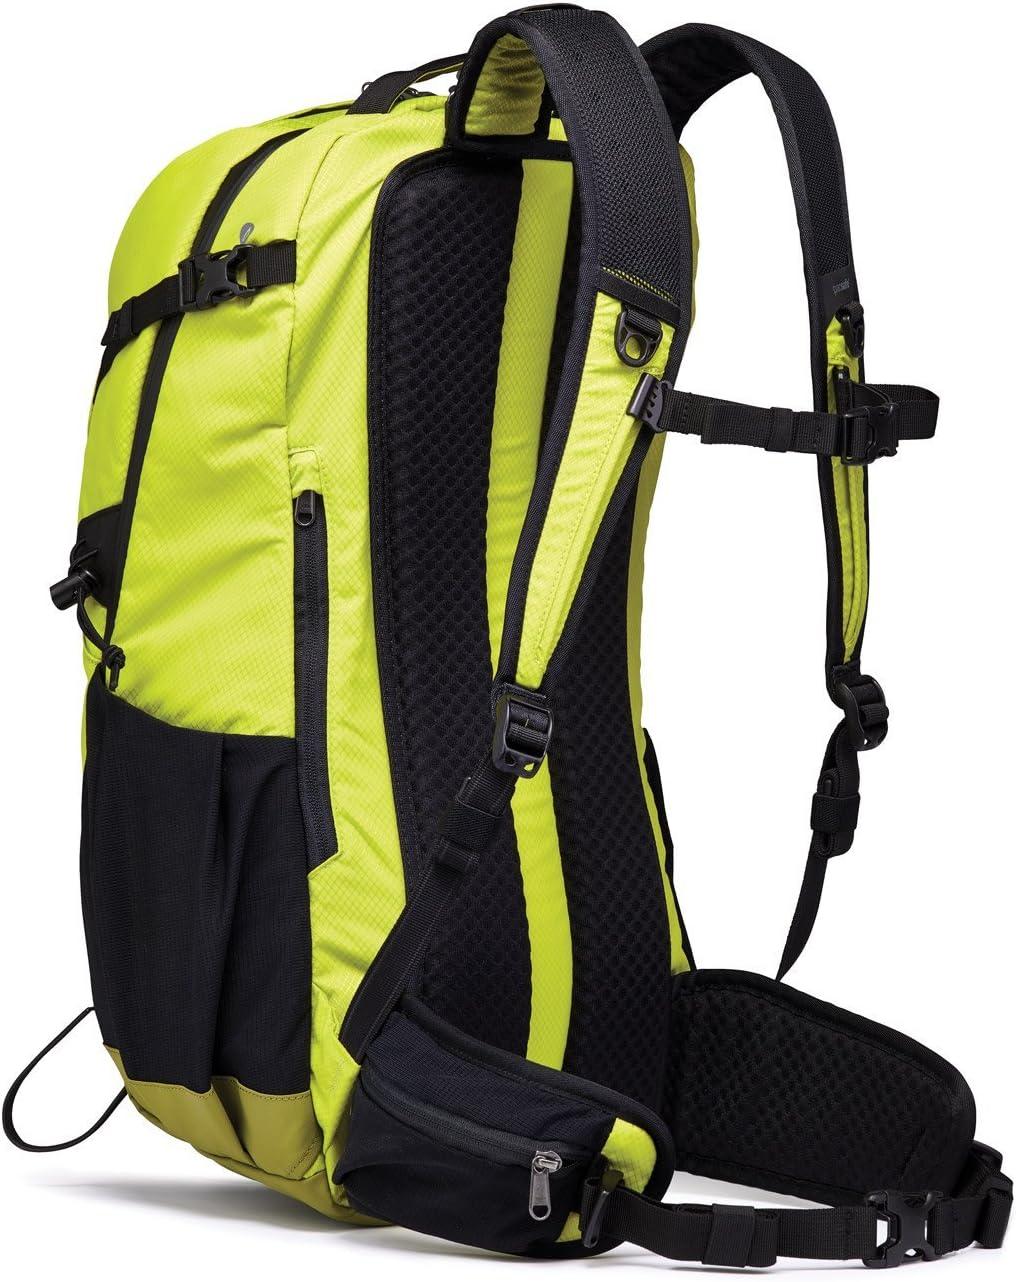 Pacsafe Venturesafe X34 Anti-Diebstahl Rucksack 34 Liter Trekkingrucksack mit Sicherheitstechnologie Wanderrucksack Phyton Gr/ün//Phyton Green